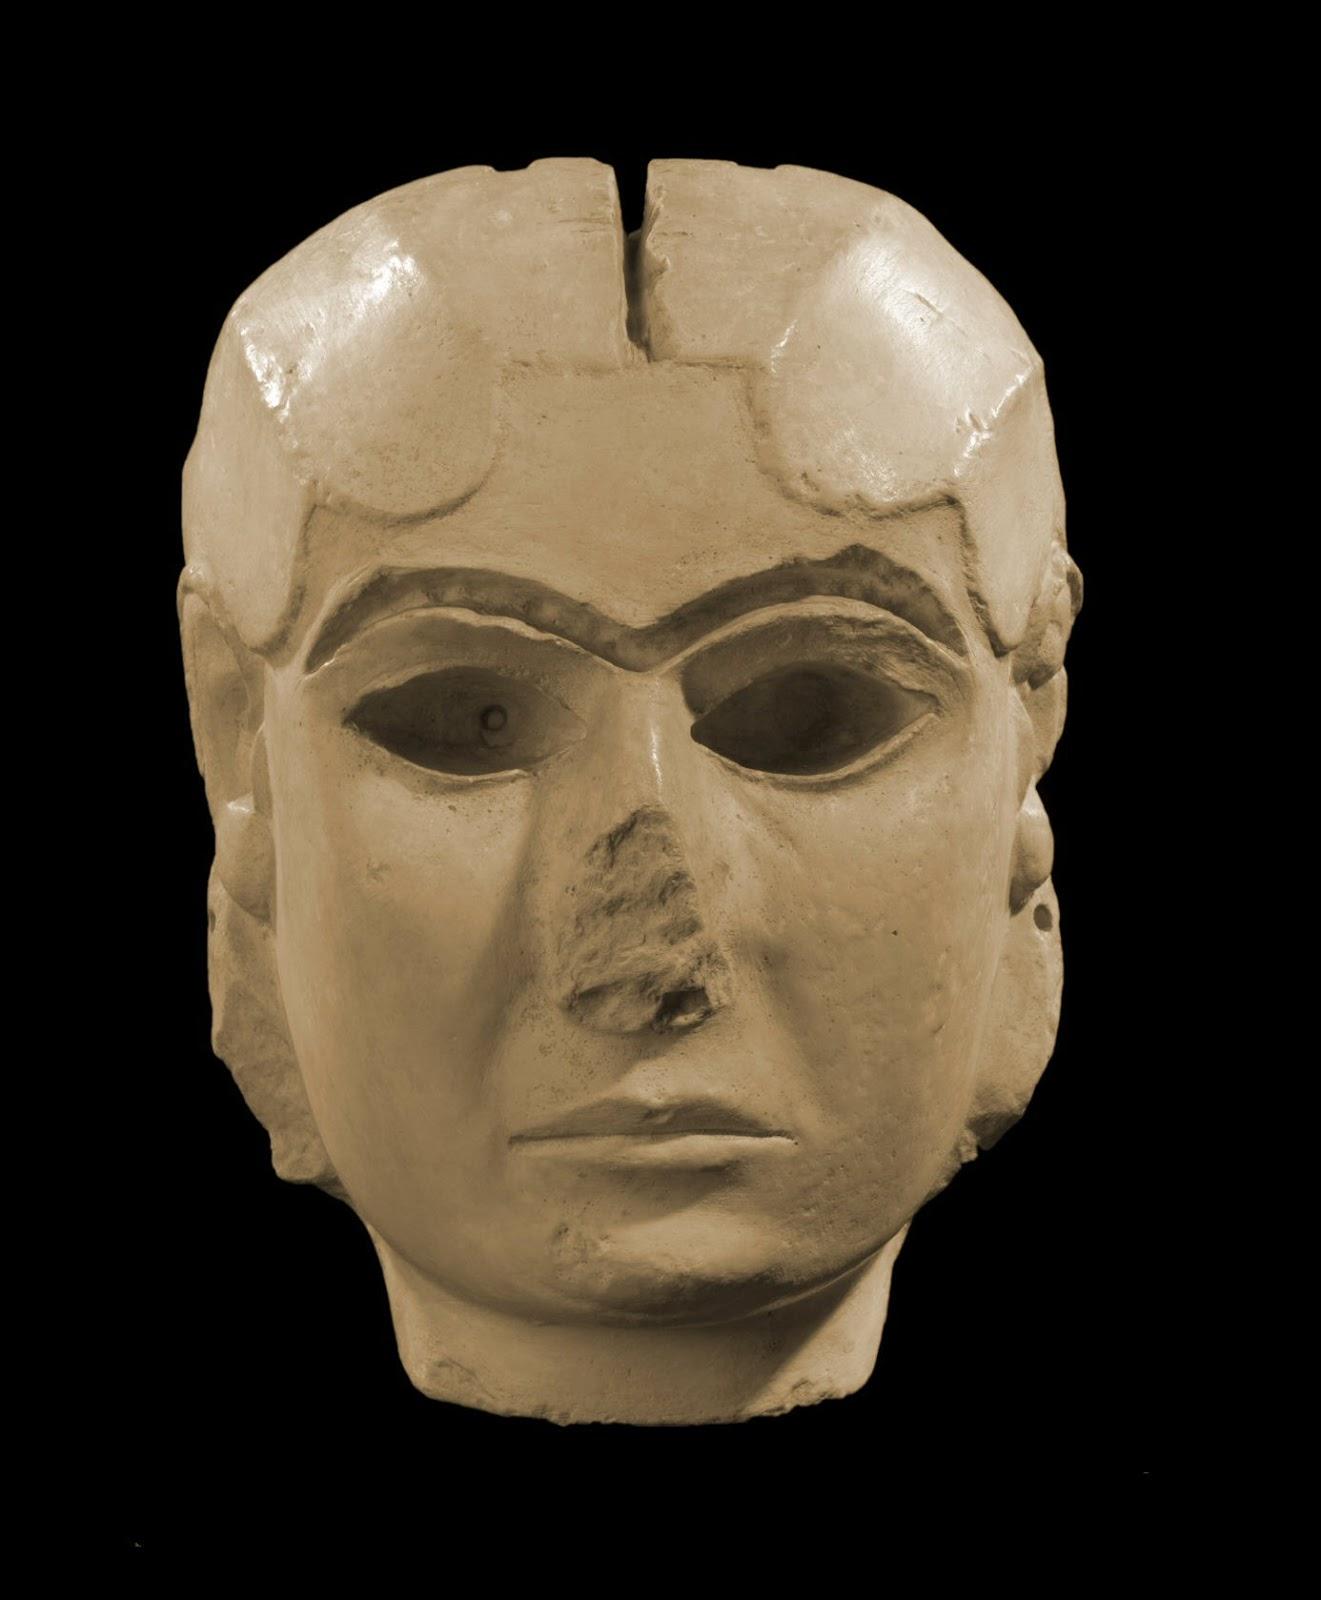 Cabeza de una diosa de Uruk, esculpida entre el 3500 a.C. y el 3000 a.C.